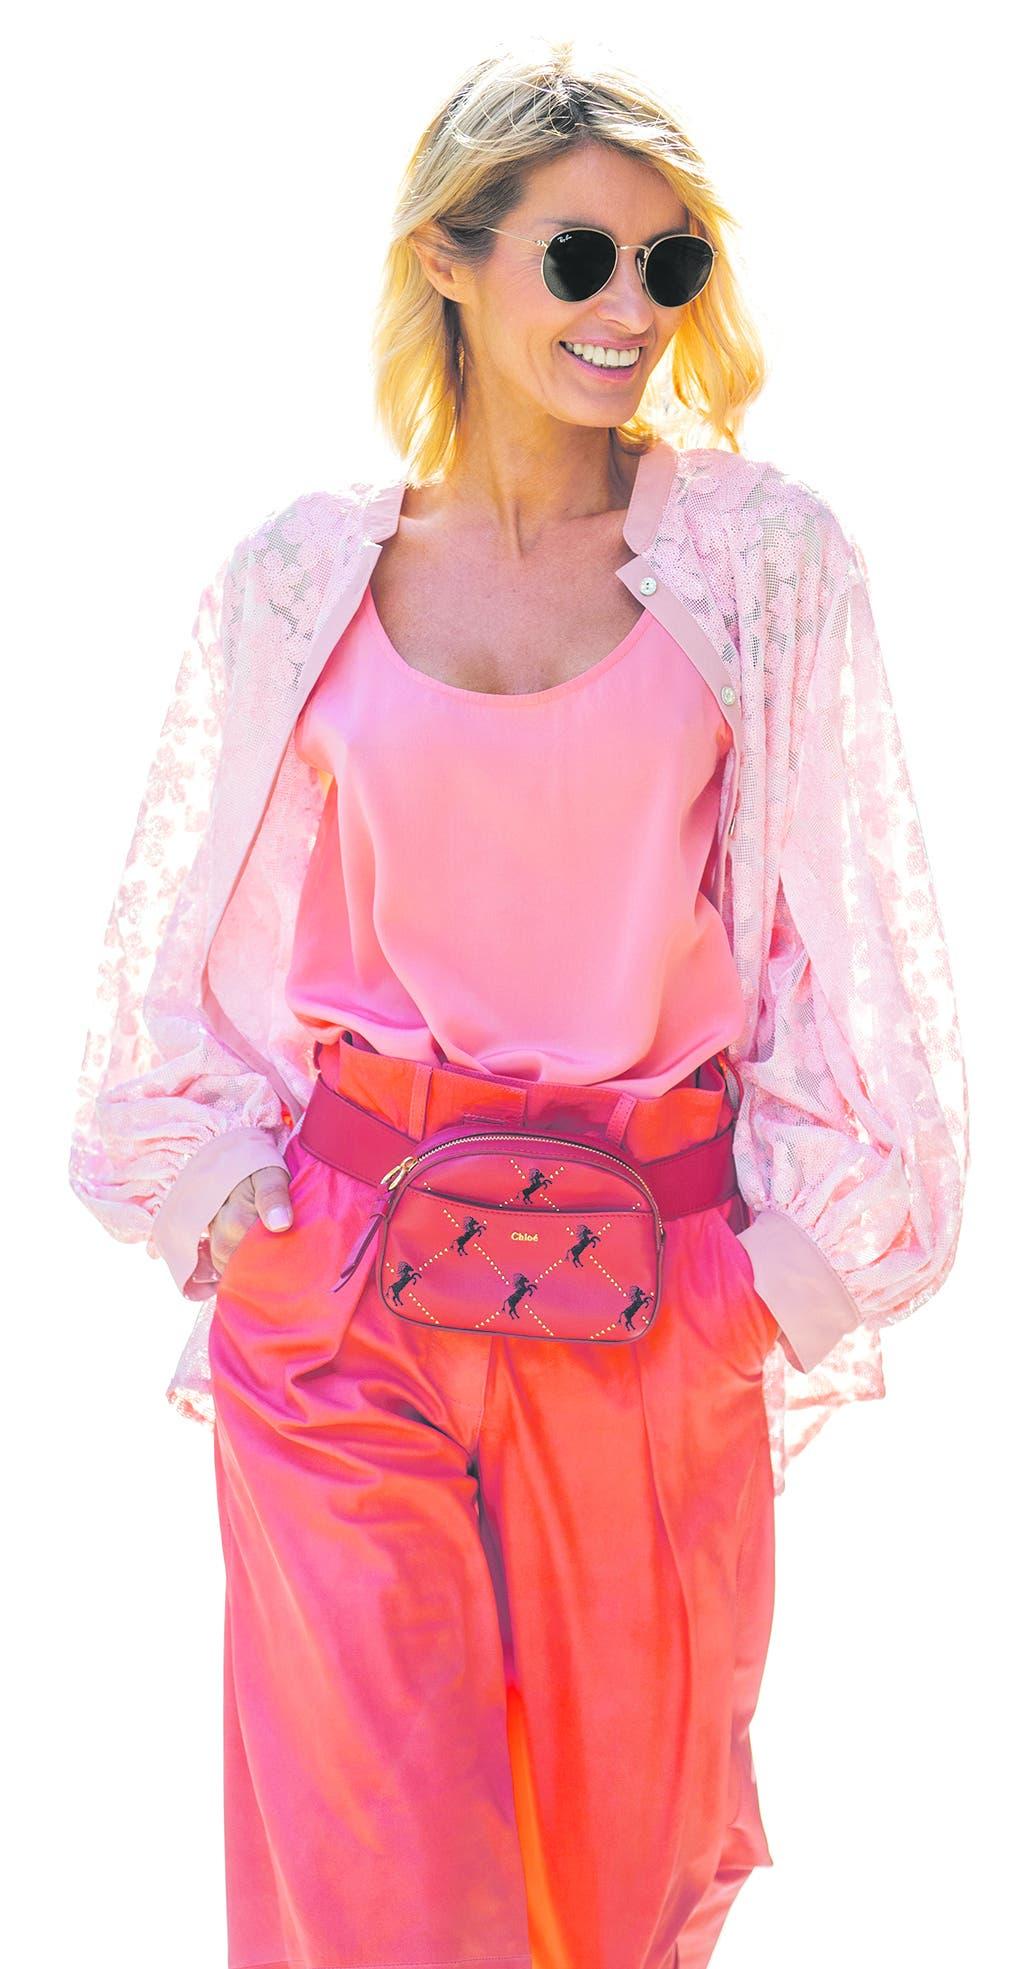 Mode-Influencerin Gitta Banko mit einem Lederbeutel von Chloé. (Bild: Getty images)